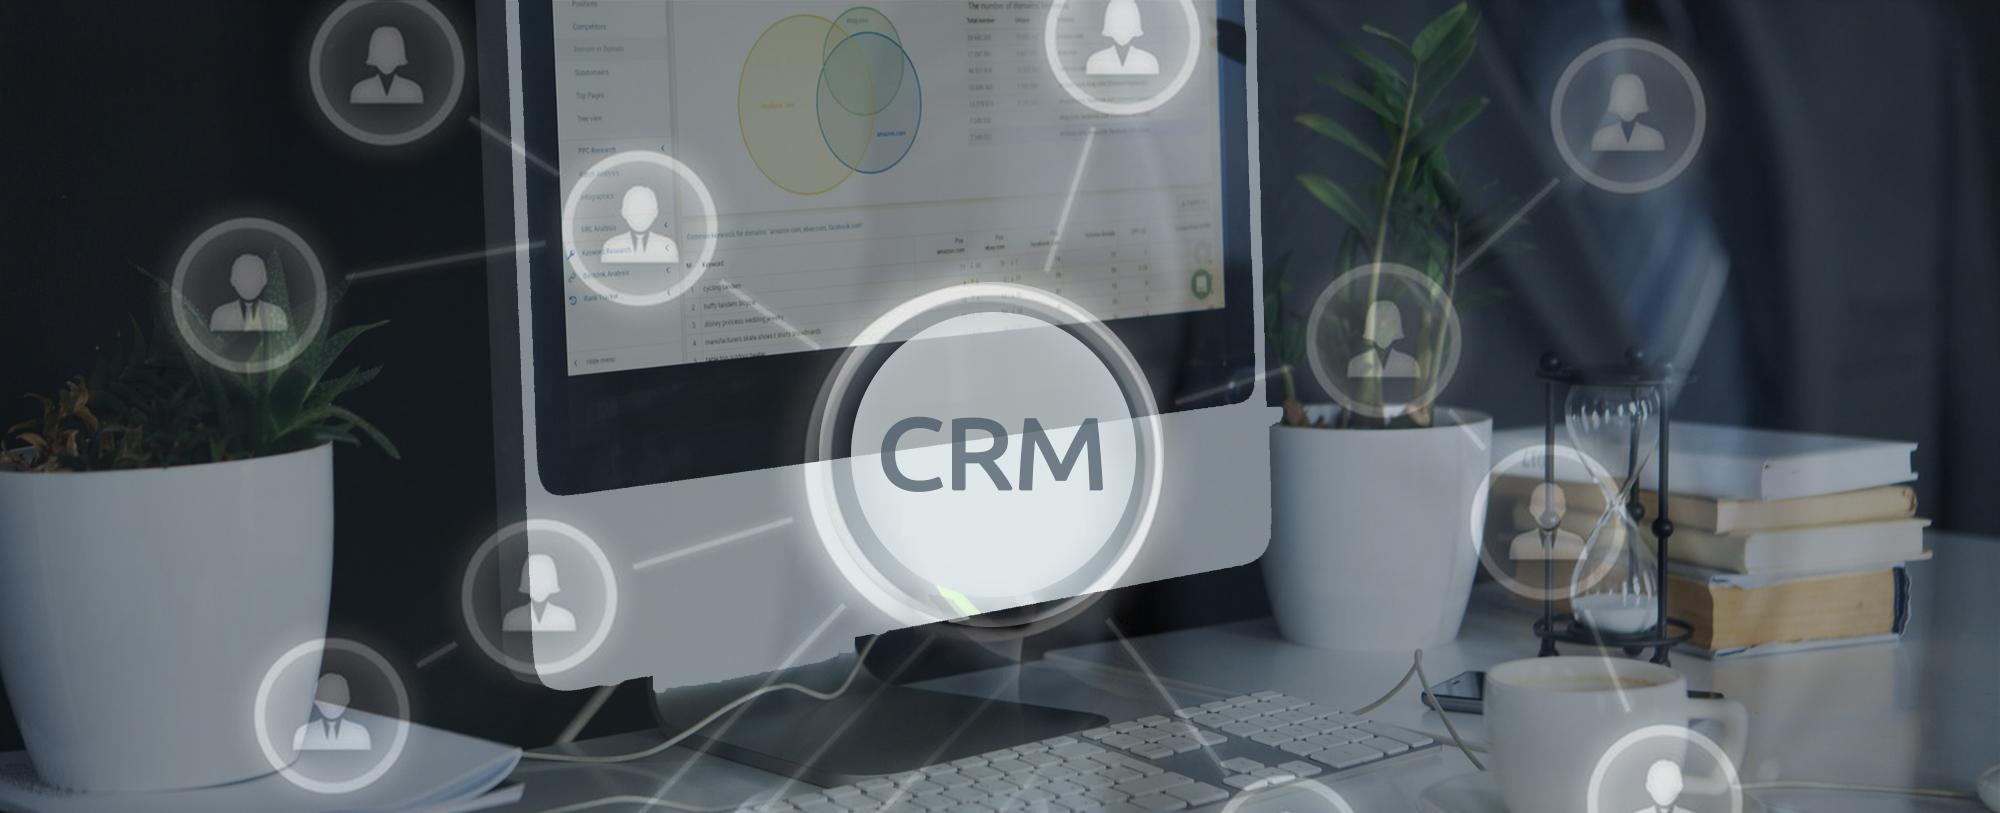 Que es un CRM y cómo mejora la experiencia de cliente